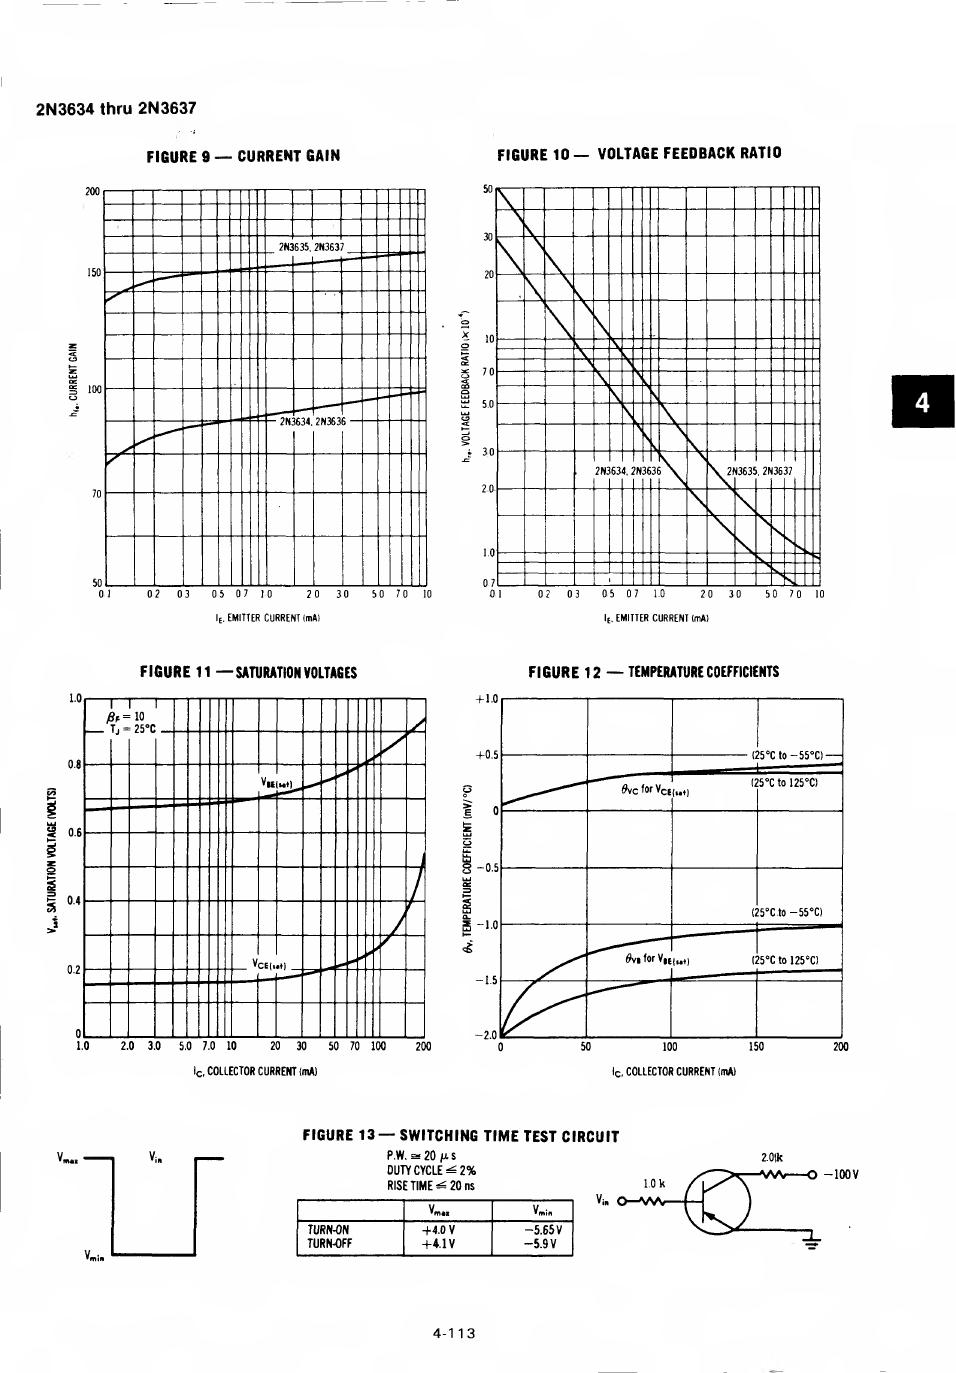 2N3635 pdf